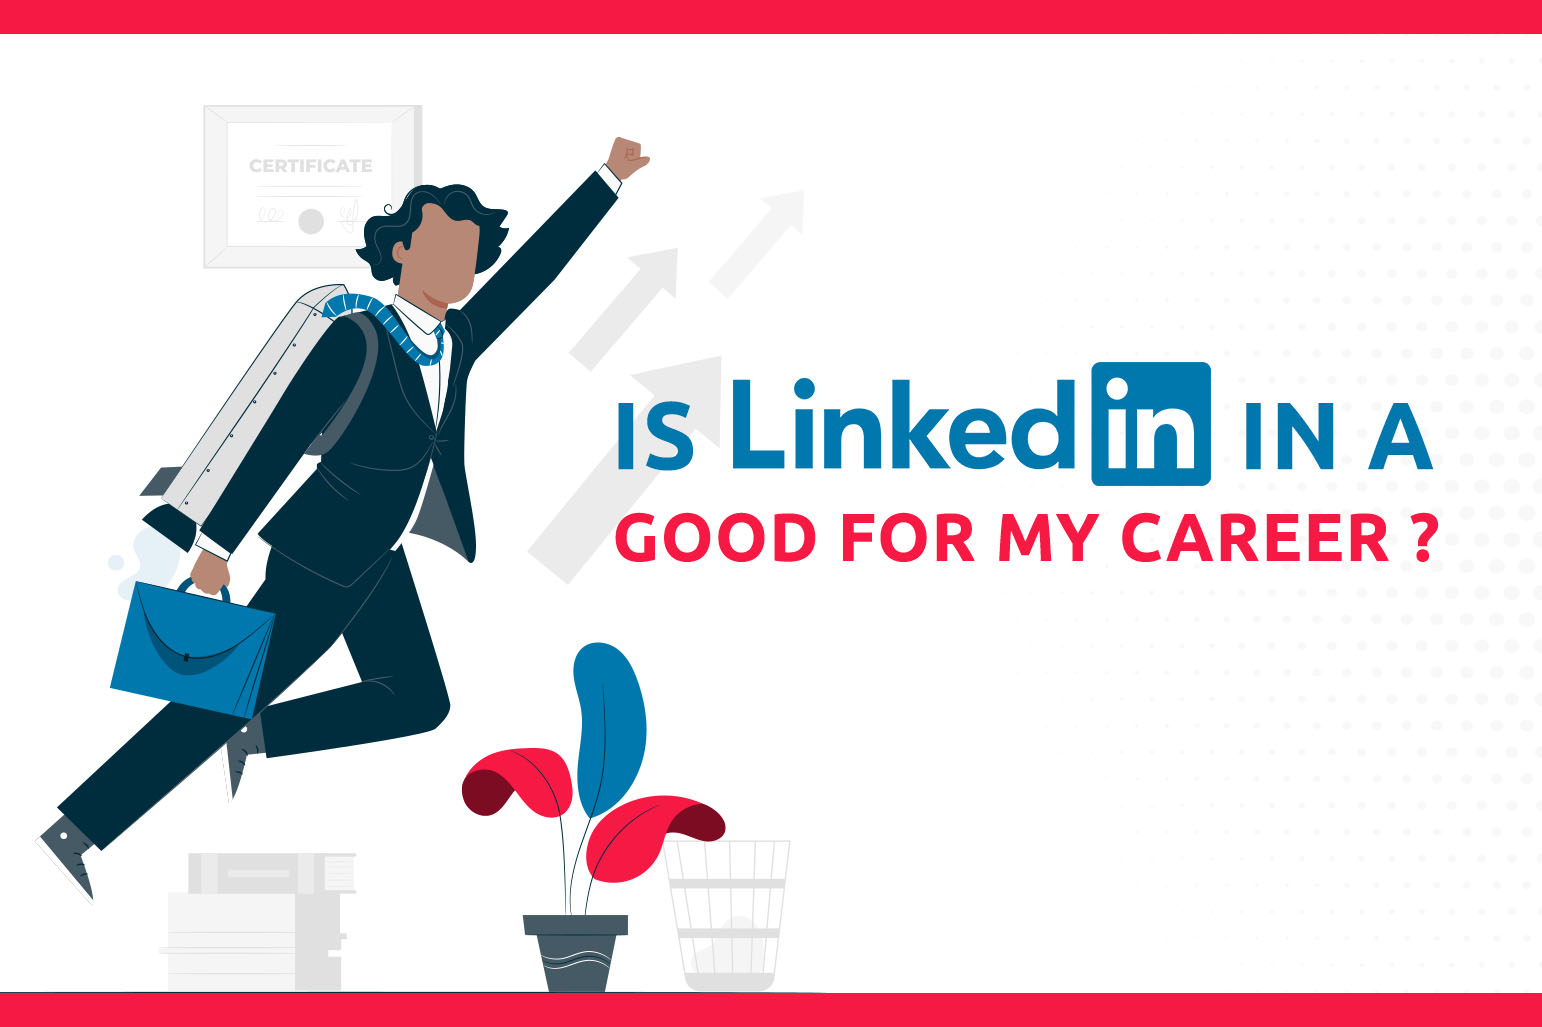 O LinkedIn é bom para a minha carreira?